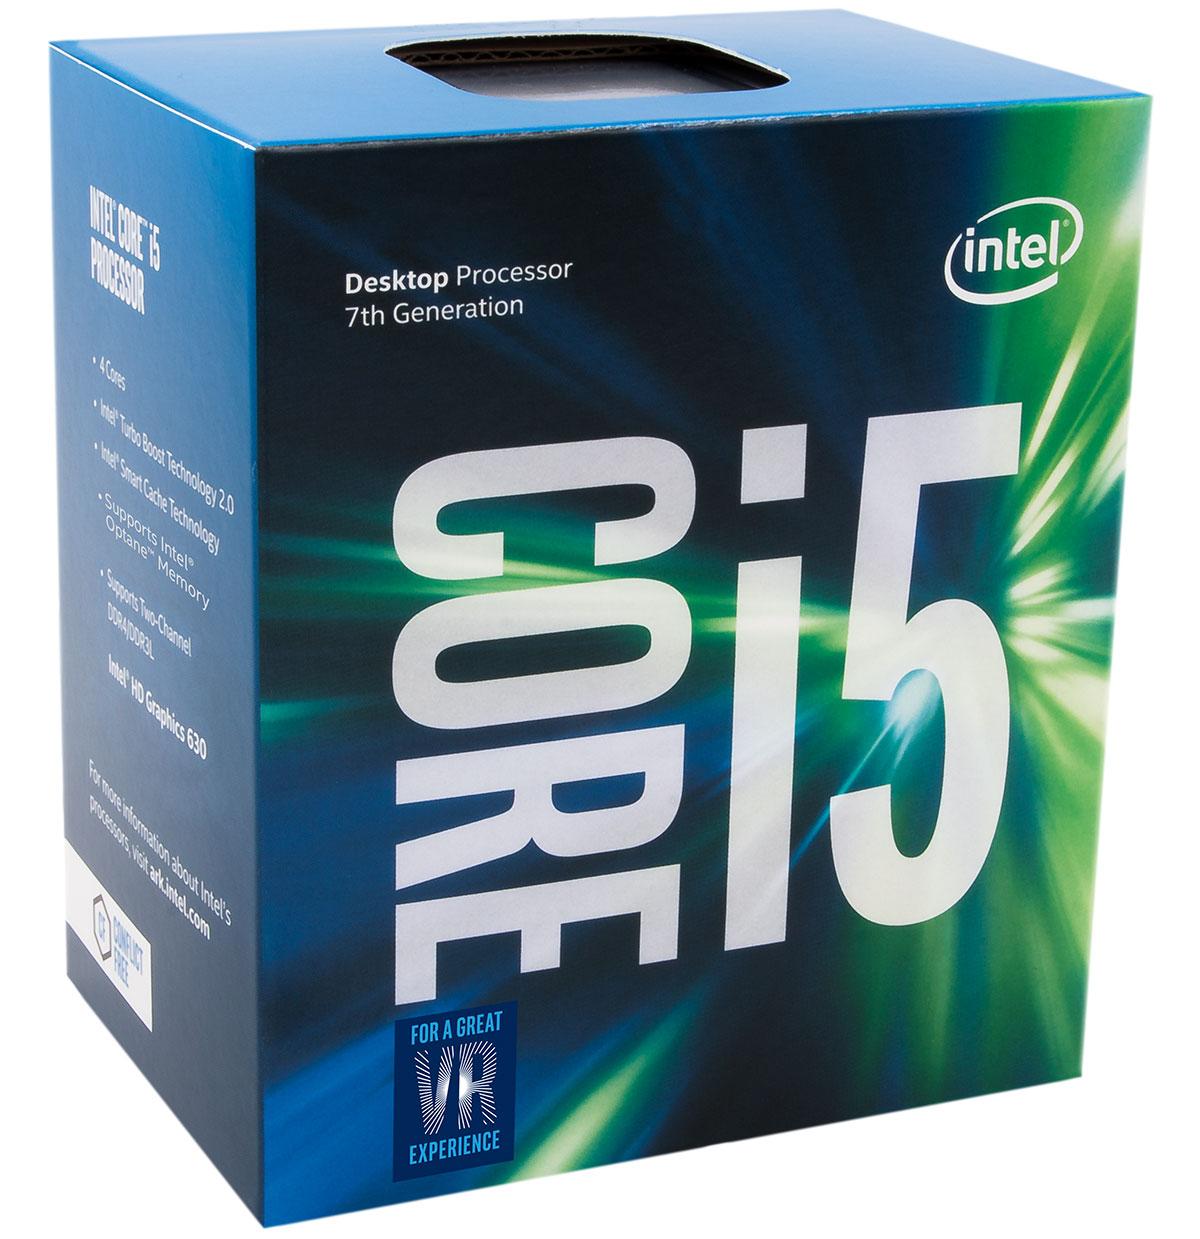 Intel Core i5 7500 - 3.4GHz - Processeur Intel - Cybertek.fr - 1